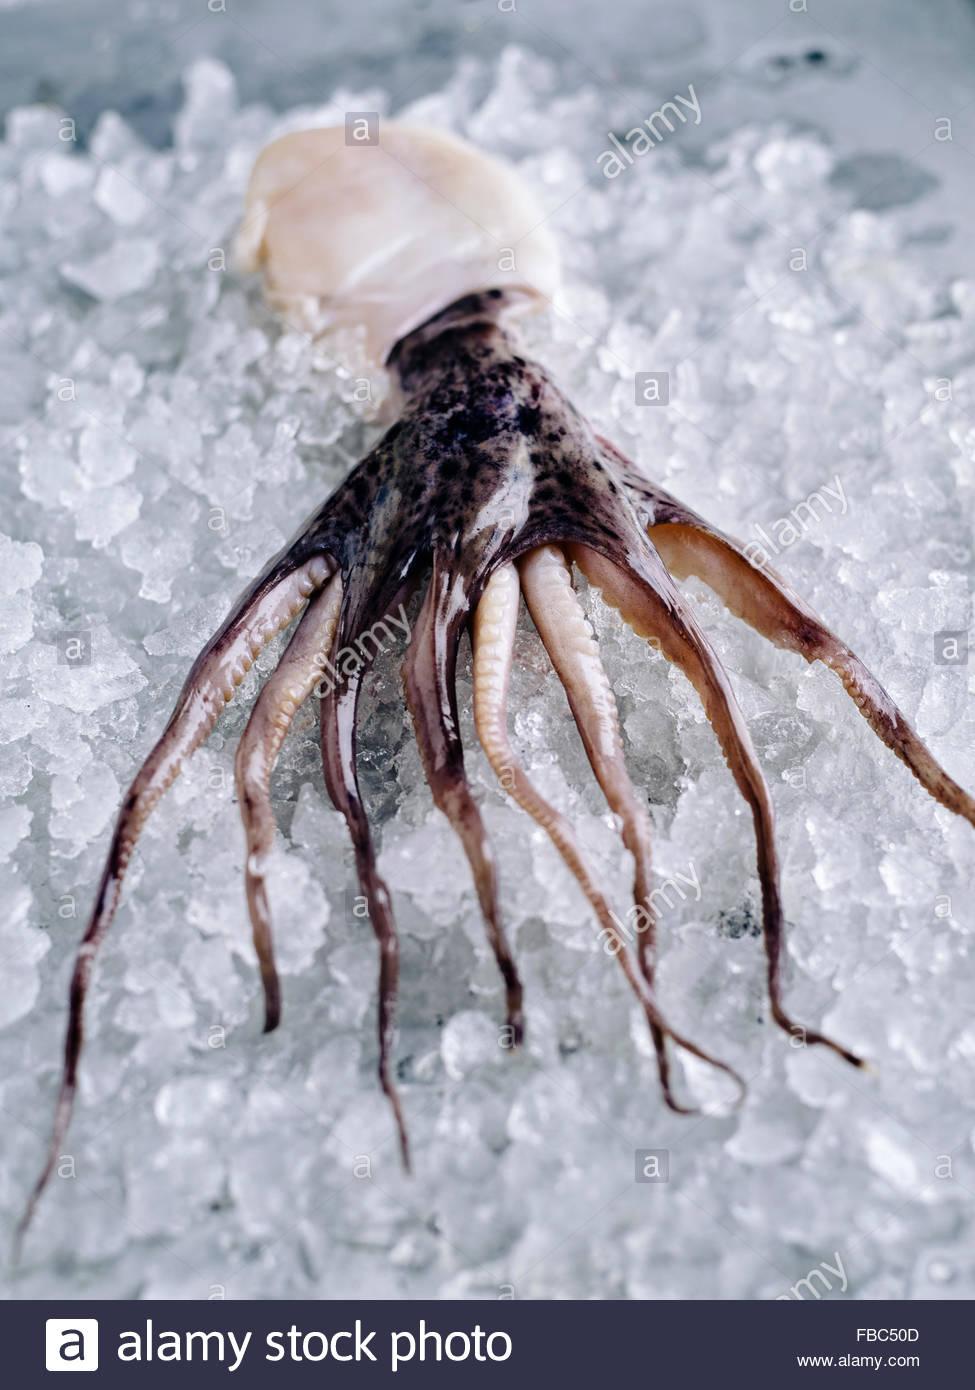 Eine kleine ganze Tintenfische auf Eis auf rustikalen Metalloberfläche Stockbild